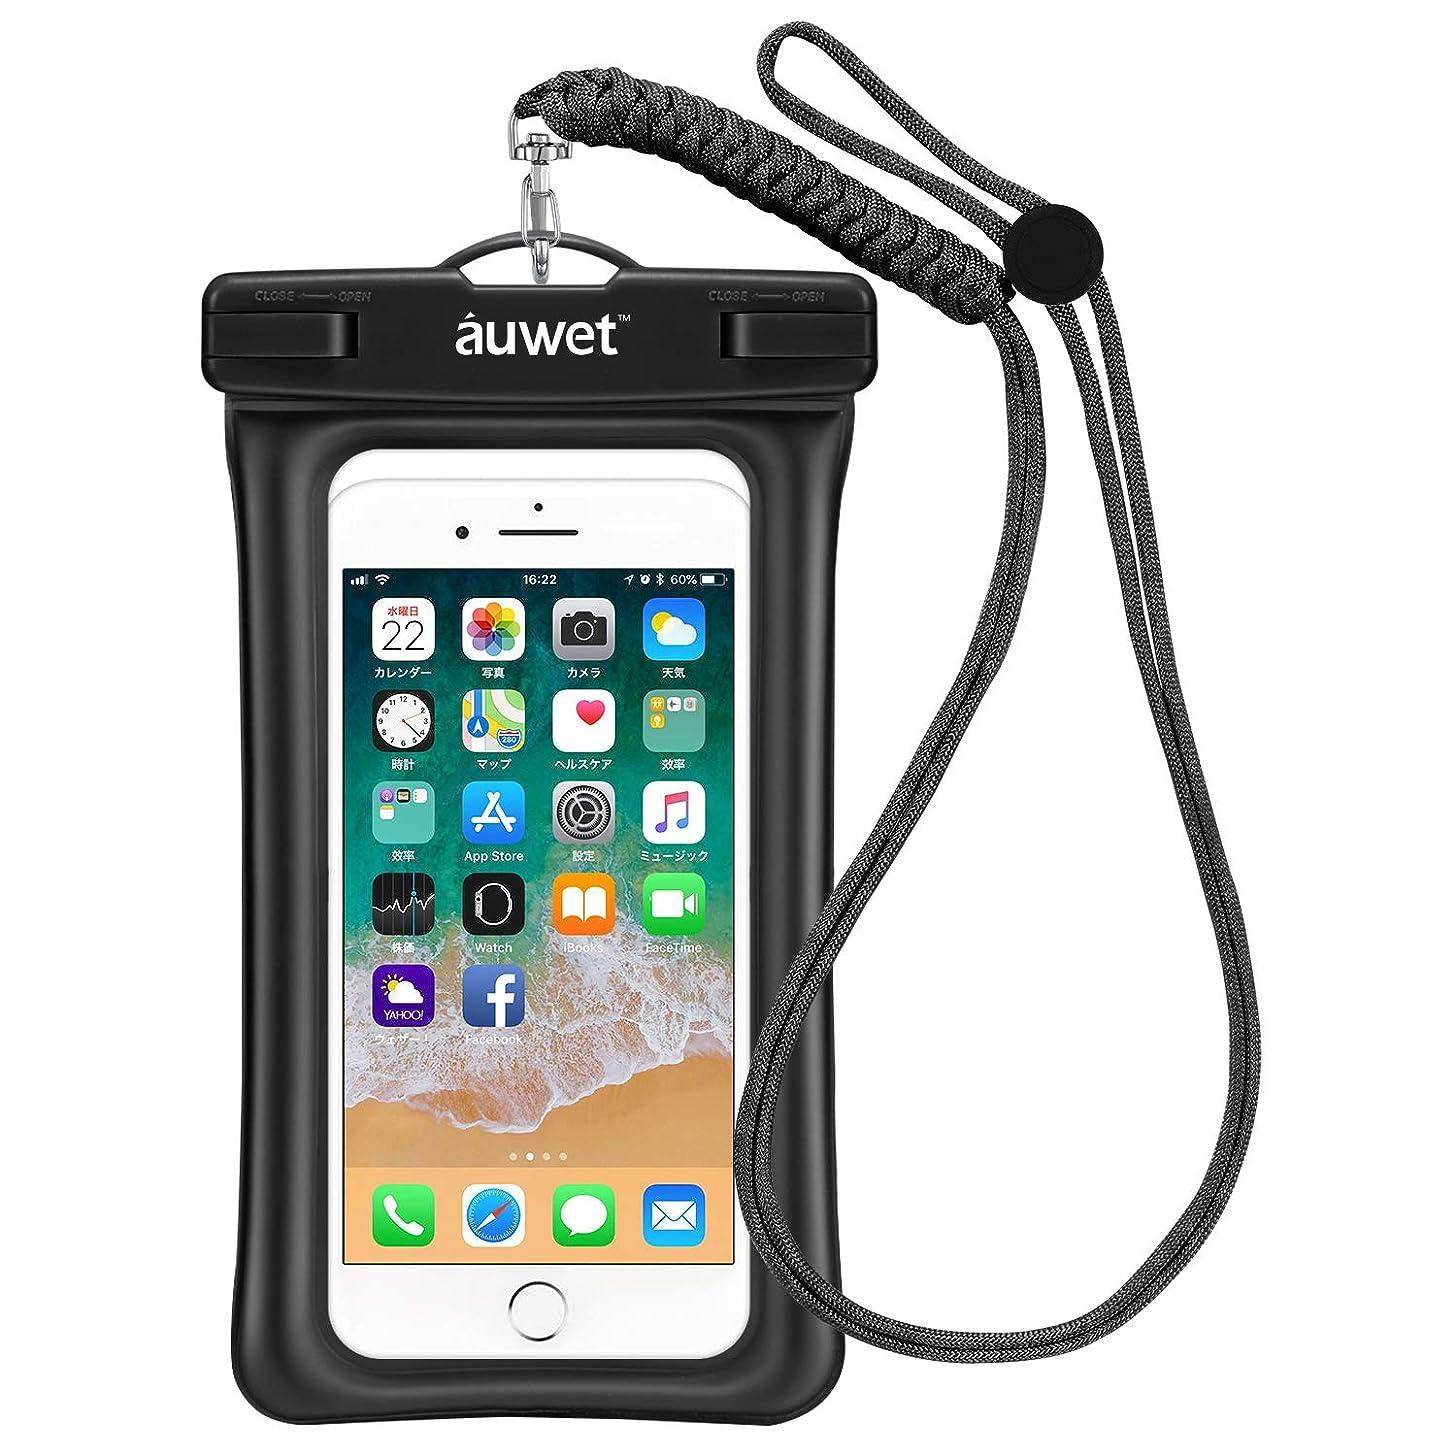 増強シニス取り消すAuwet 防水ケース スマホ用【指紋認証+顔認証対応】IPX8規格 スキー 釣り プール お風呂など適用 スマホ防水ケース 携帯防水ケース iPhoneXR/iPhone Xs Max/iPhone8 7 Plus/Galaxy S9/Xperiaなど6インチまでスマートフォンに対応 小銭入れ可